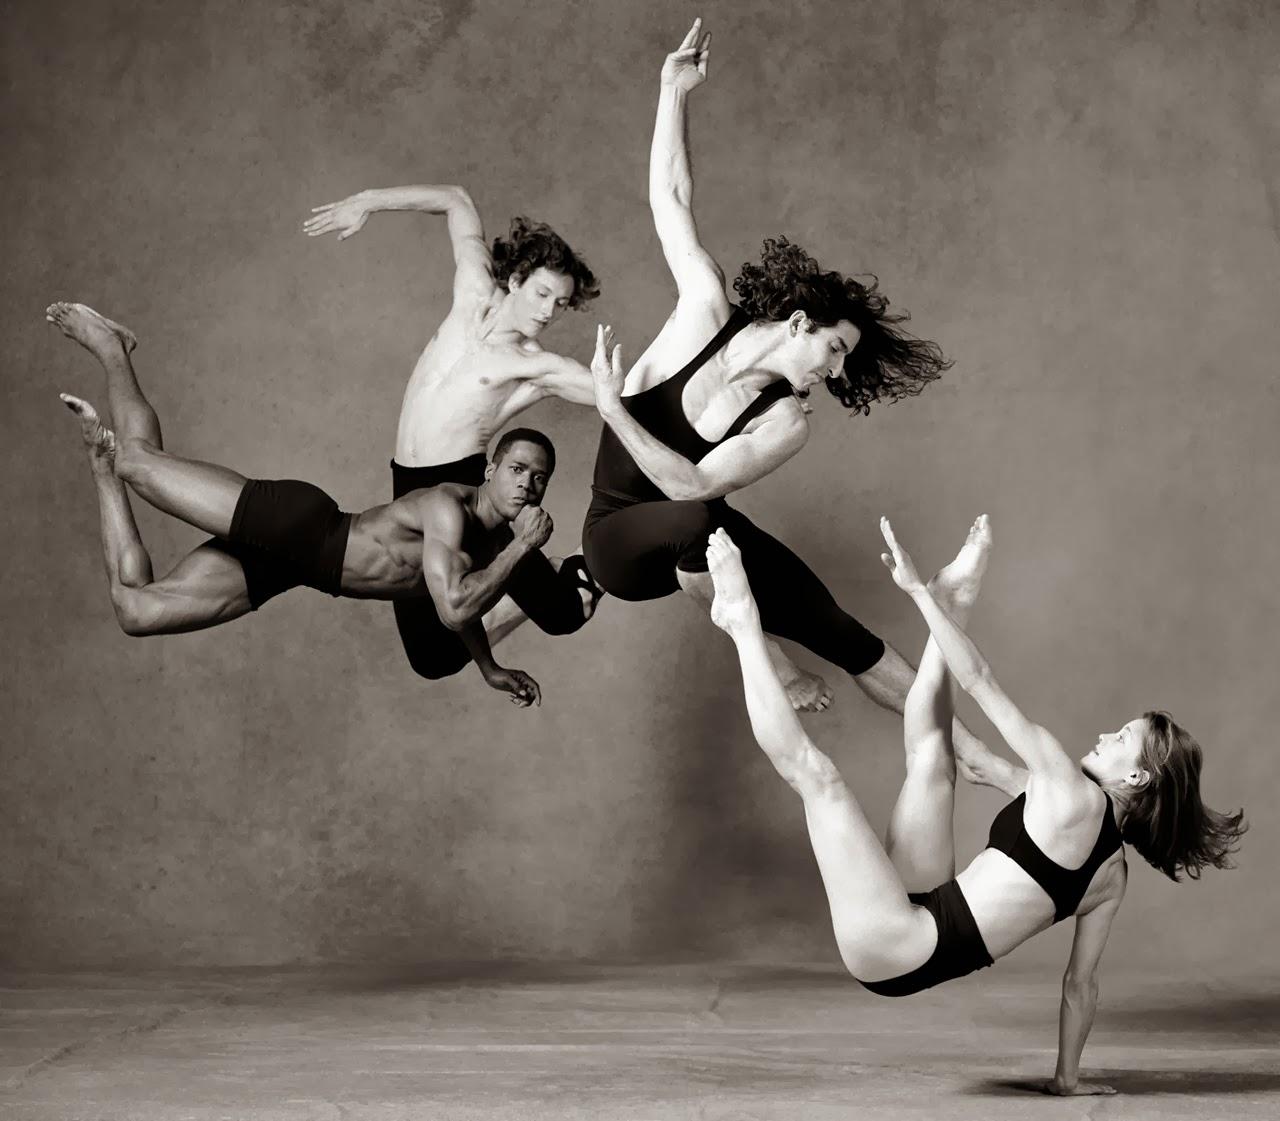 fotografia creativa danza